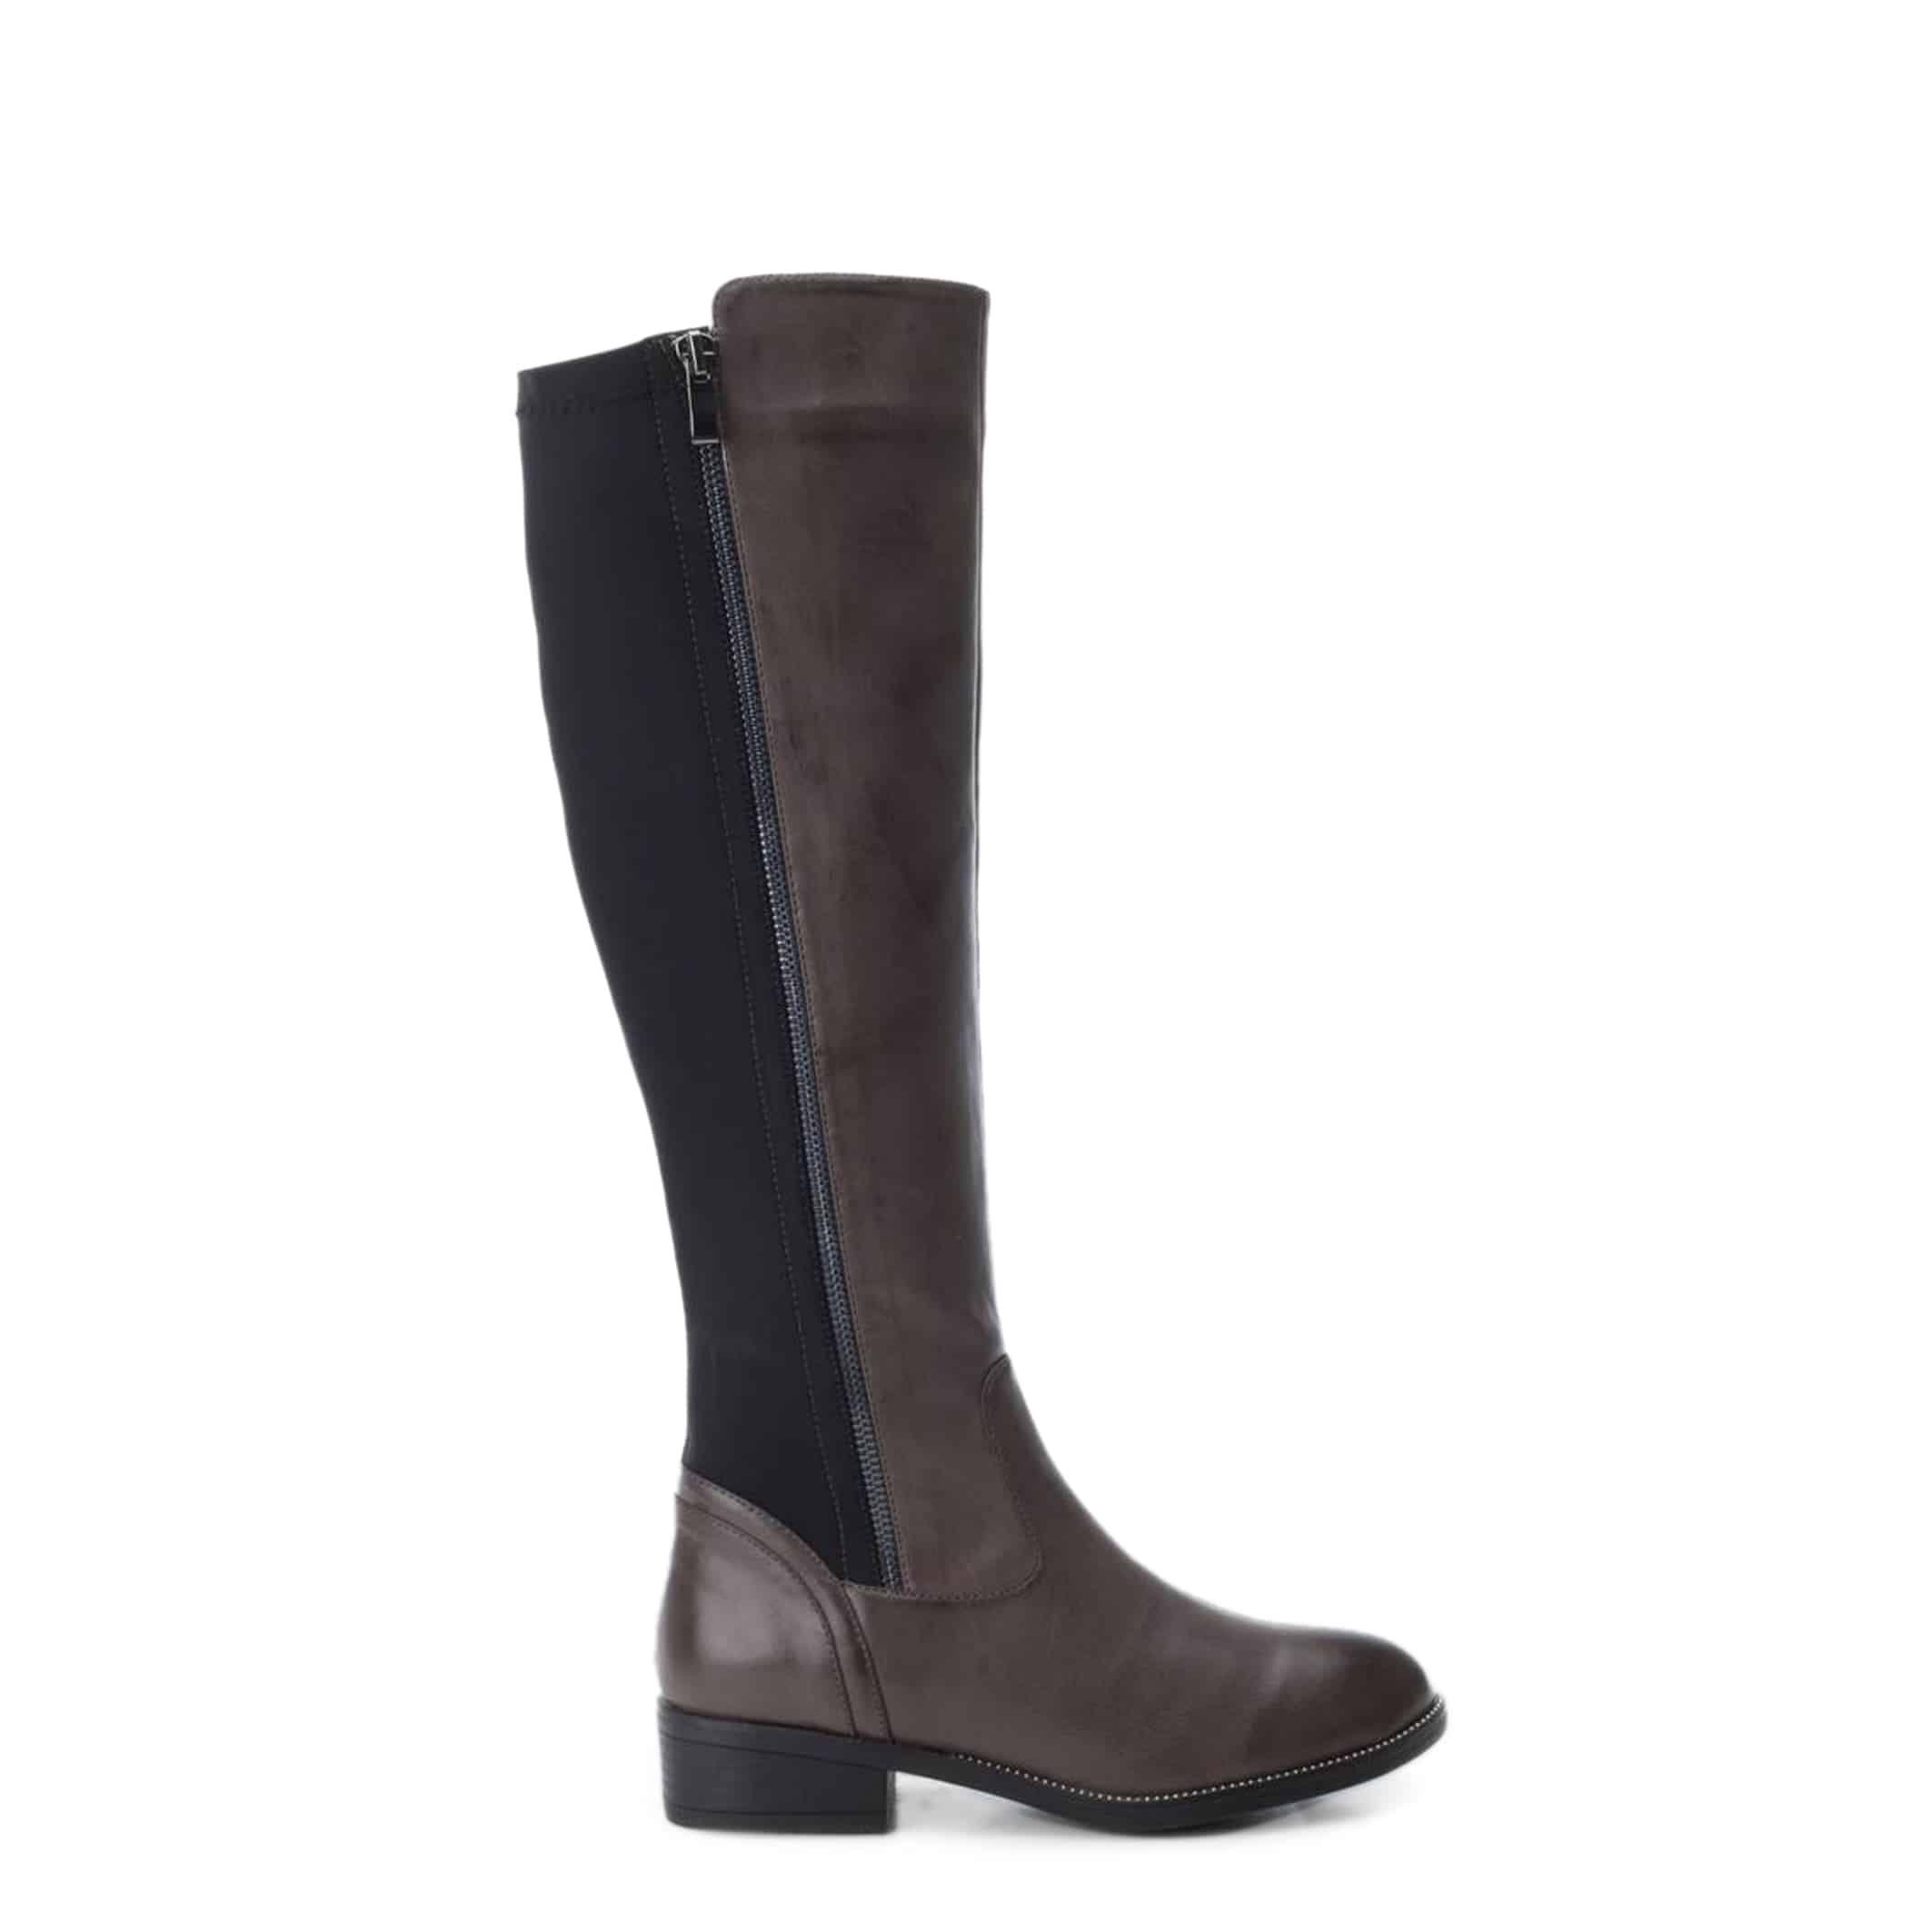 Schuhe Xti – 48441 – Grau